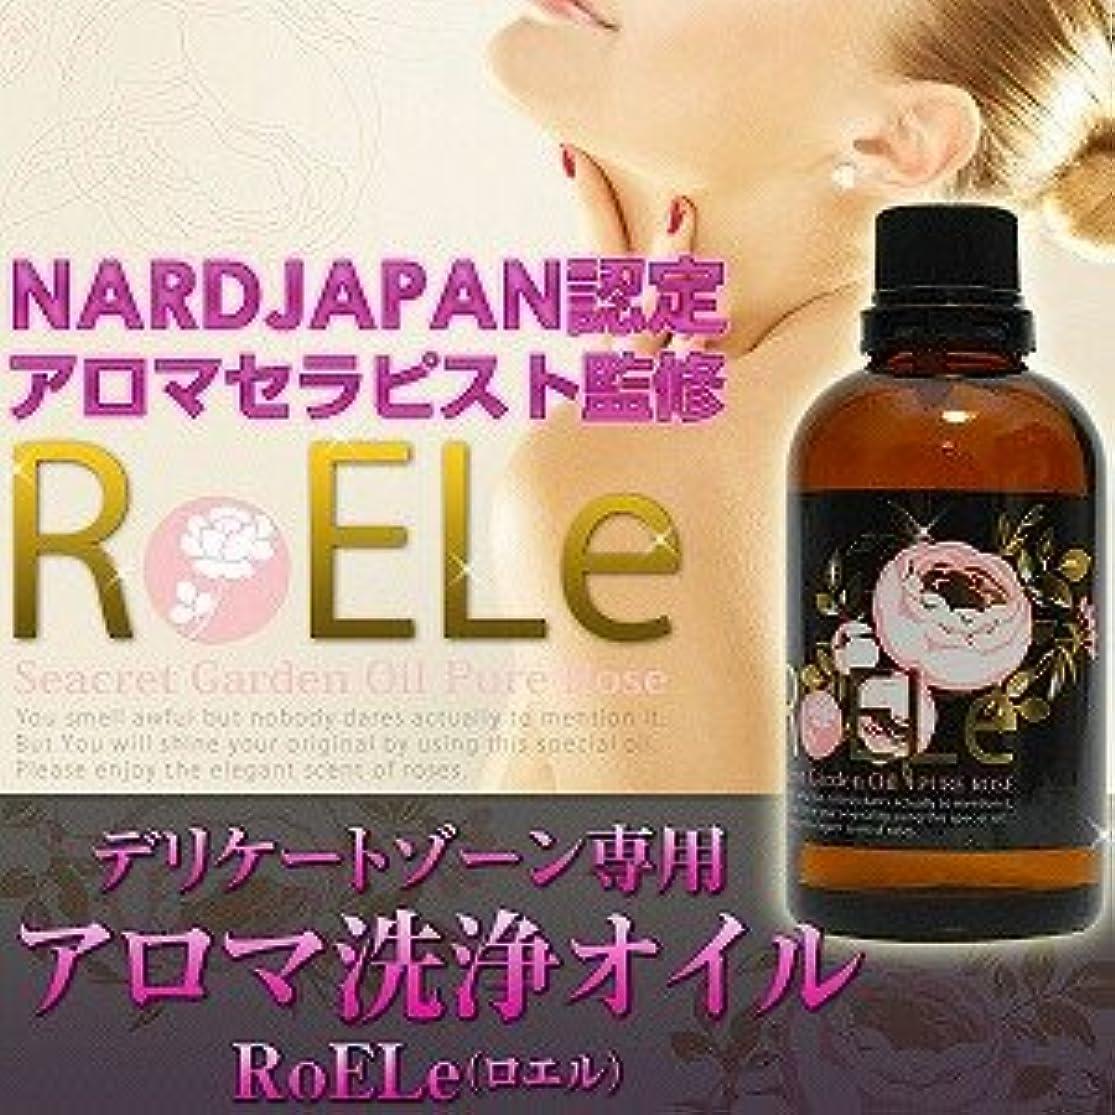 まだレトルトペレットデリケートゾーン専用、アロマ洗浄オイル『RoELe(ロエル)』